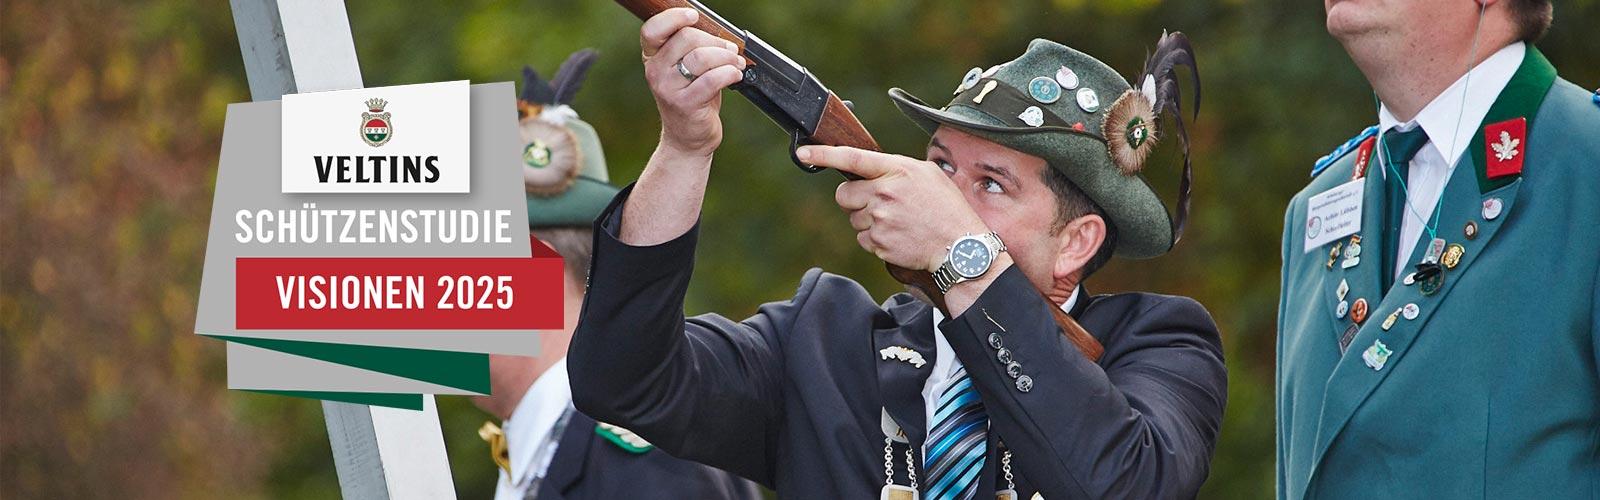 """VELTINS-Schützenstudie """"Visionen 2025"""" Vorstände sprechen offen und ehrlich über ihre Sorgen"""